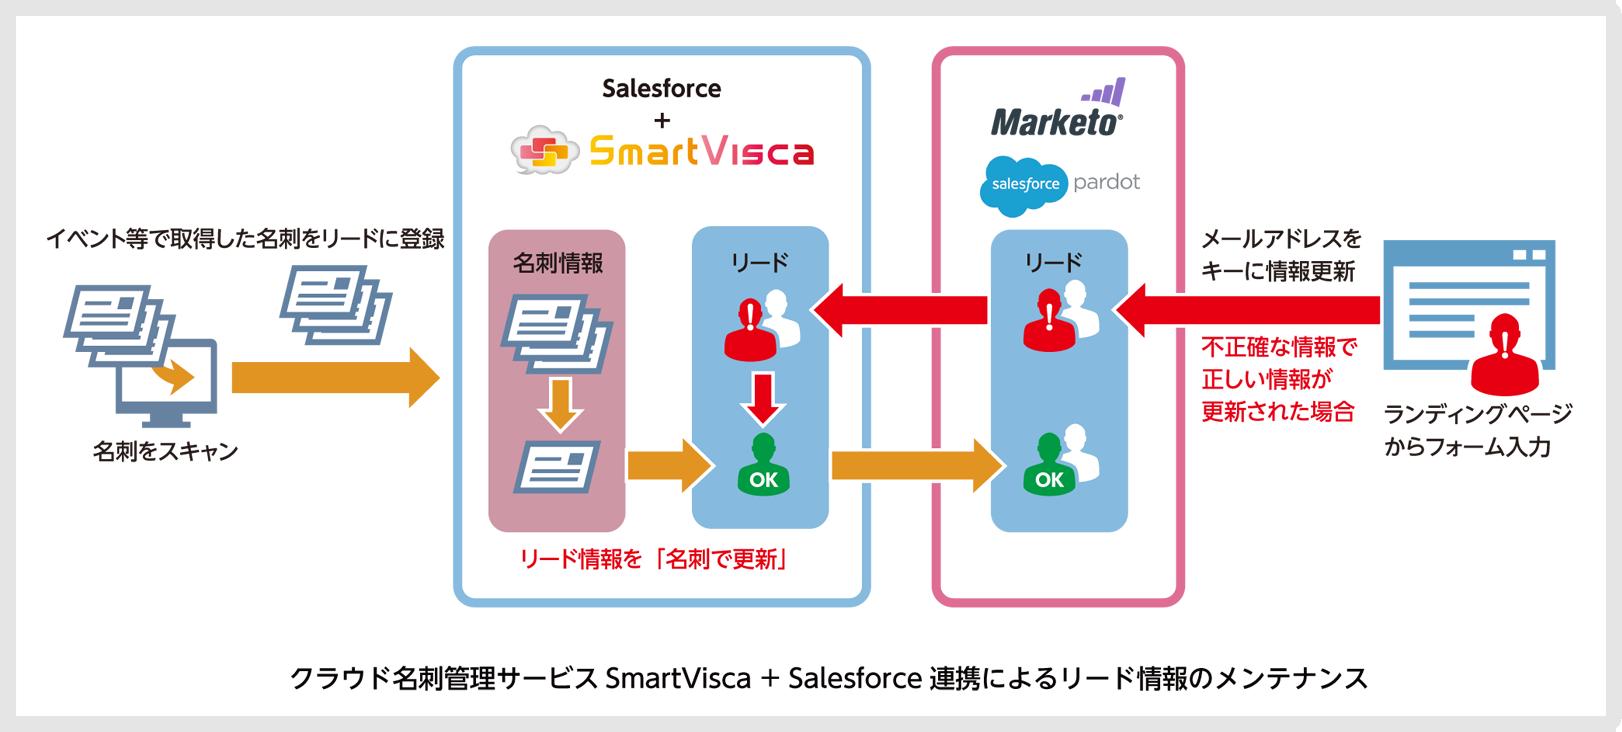 プログラム・フロー図のイメージ